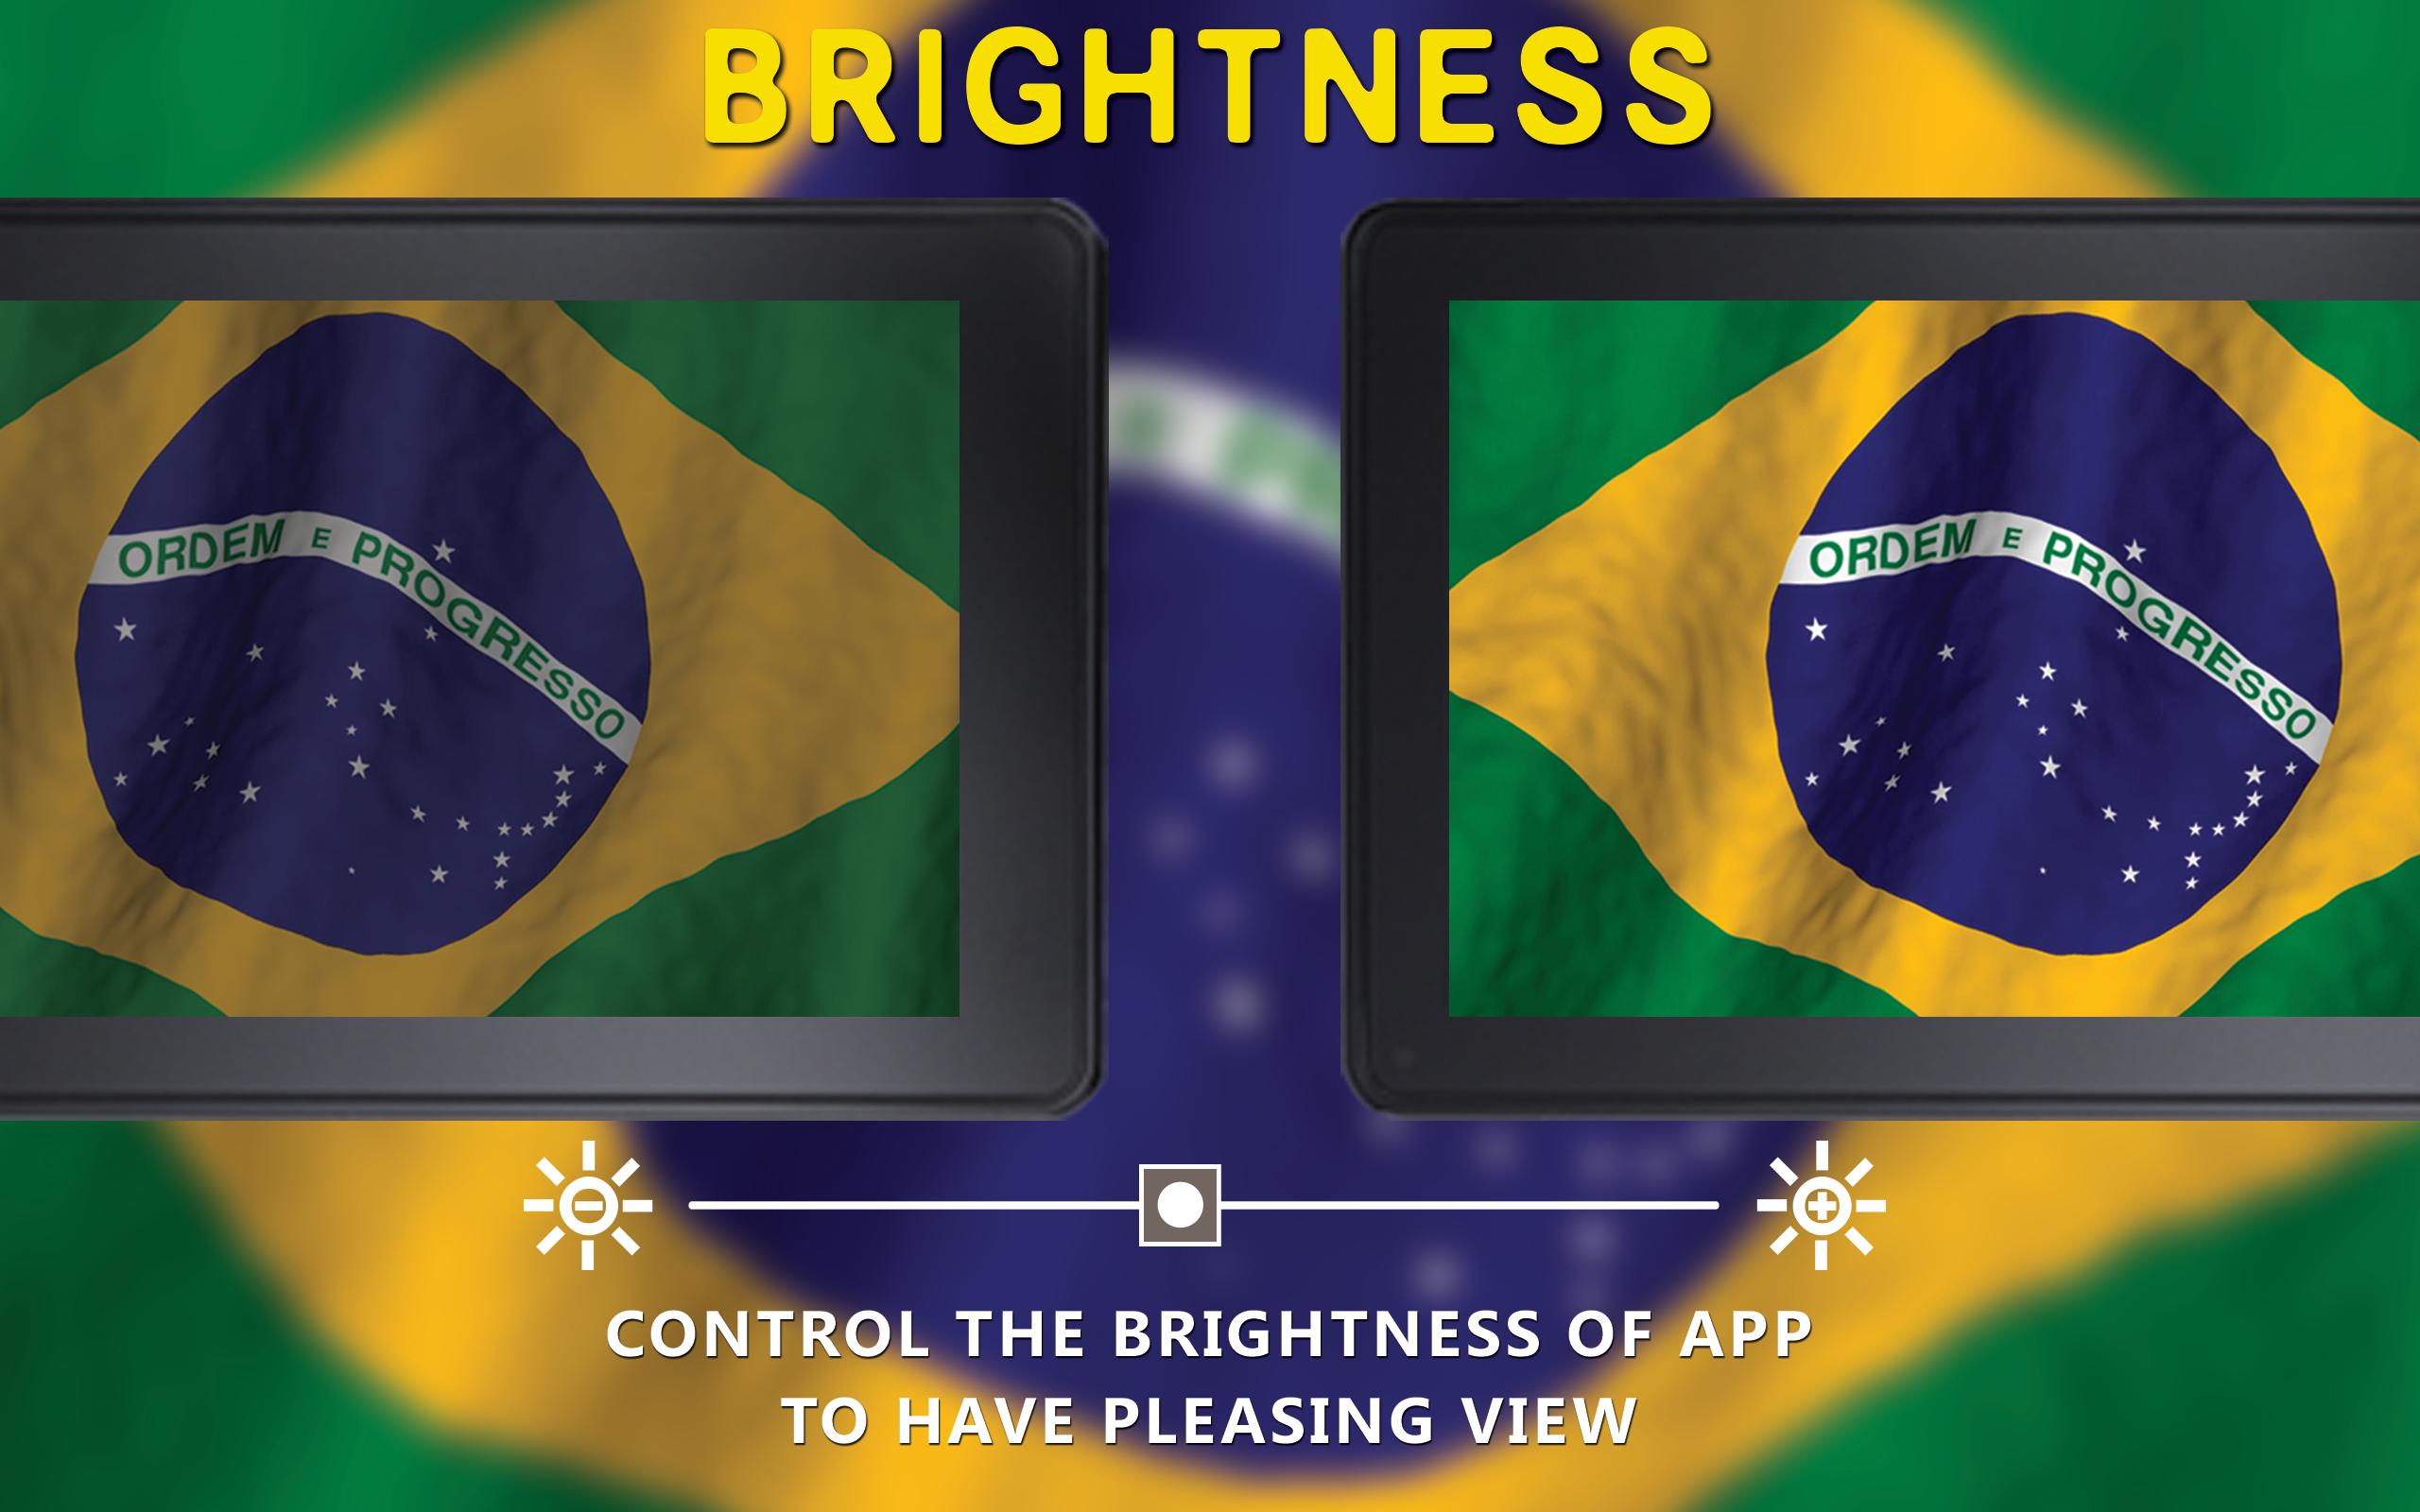 Impresionante bandera brasileña gratis: una aplicación